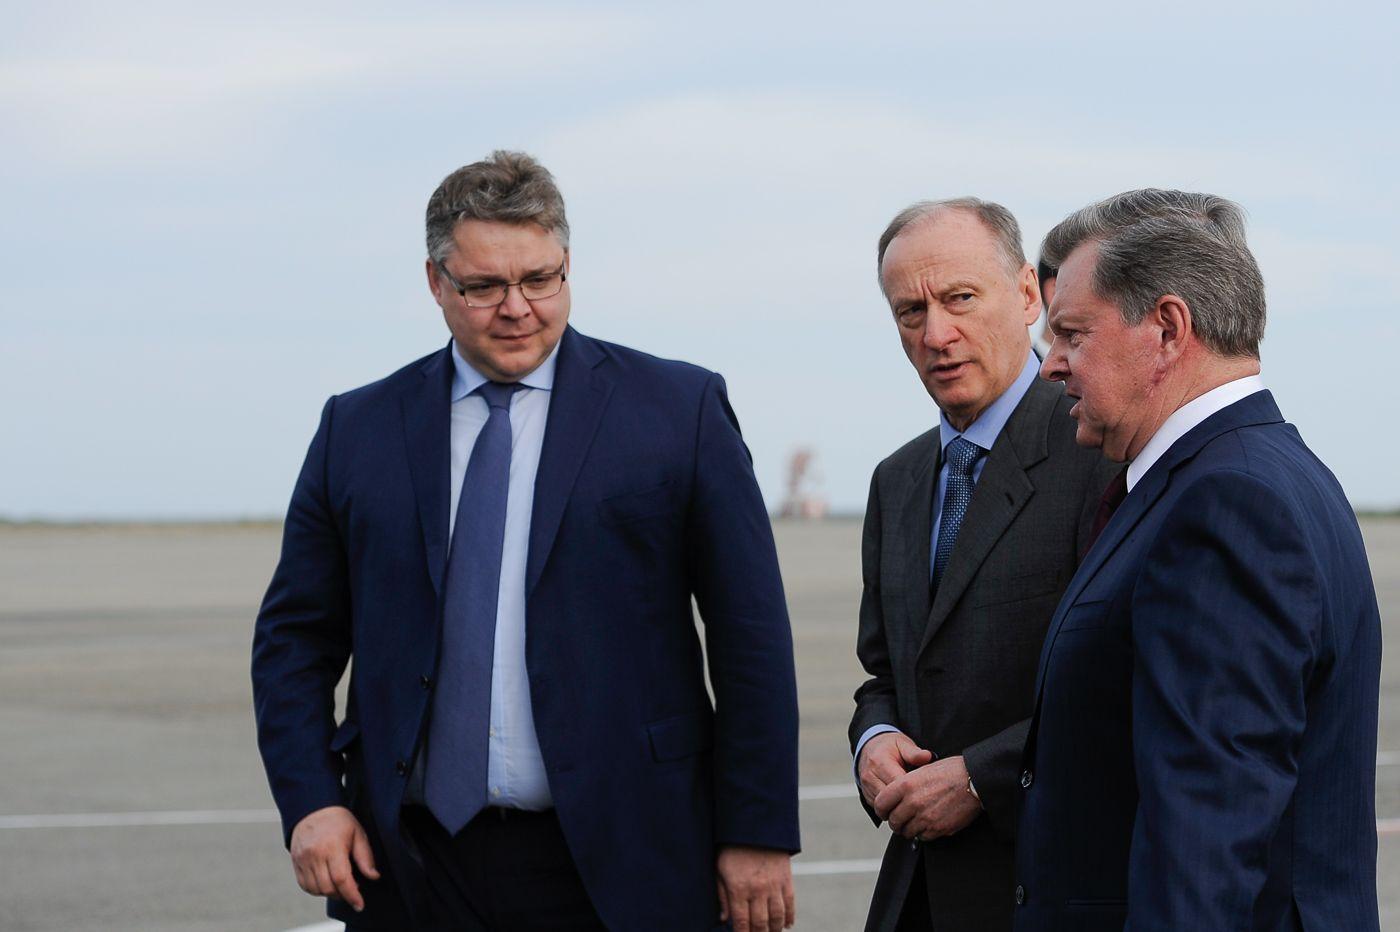 Губернатор Владимиров: НаСтаврополье создана комплексная система по сопротивлению терроризму